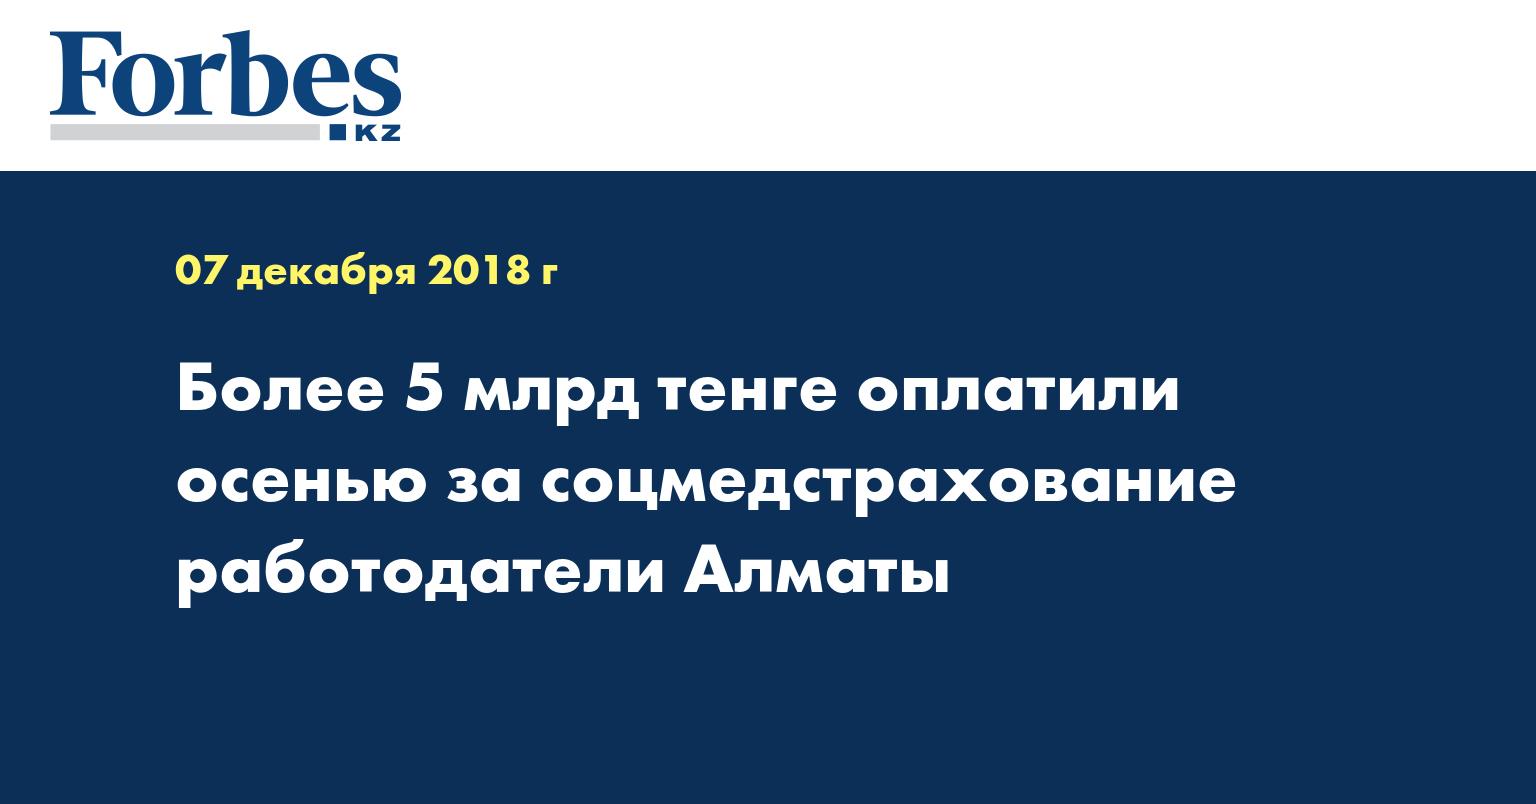 Более 5 млрд тенге оплатили осенью за соцмедстрахование работодатели Алматы